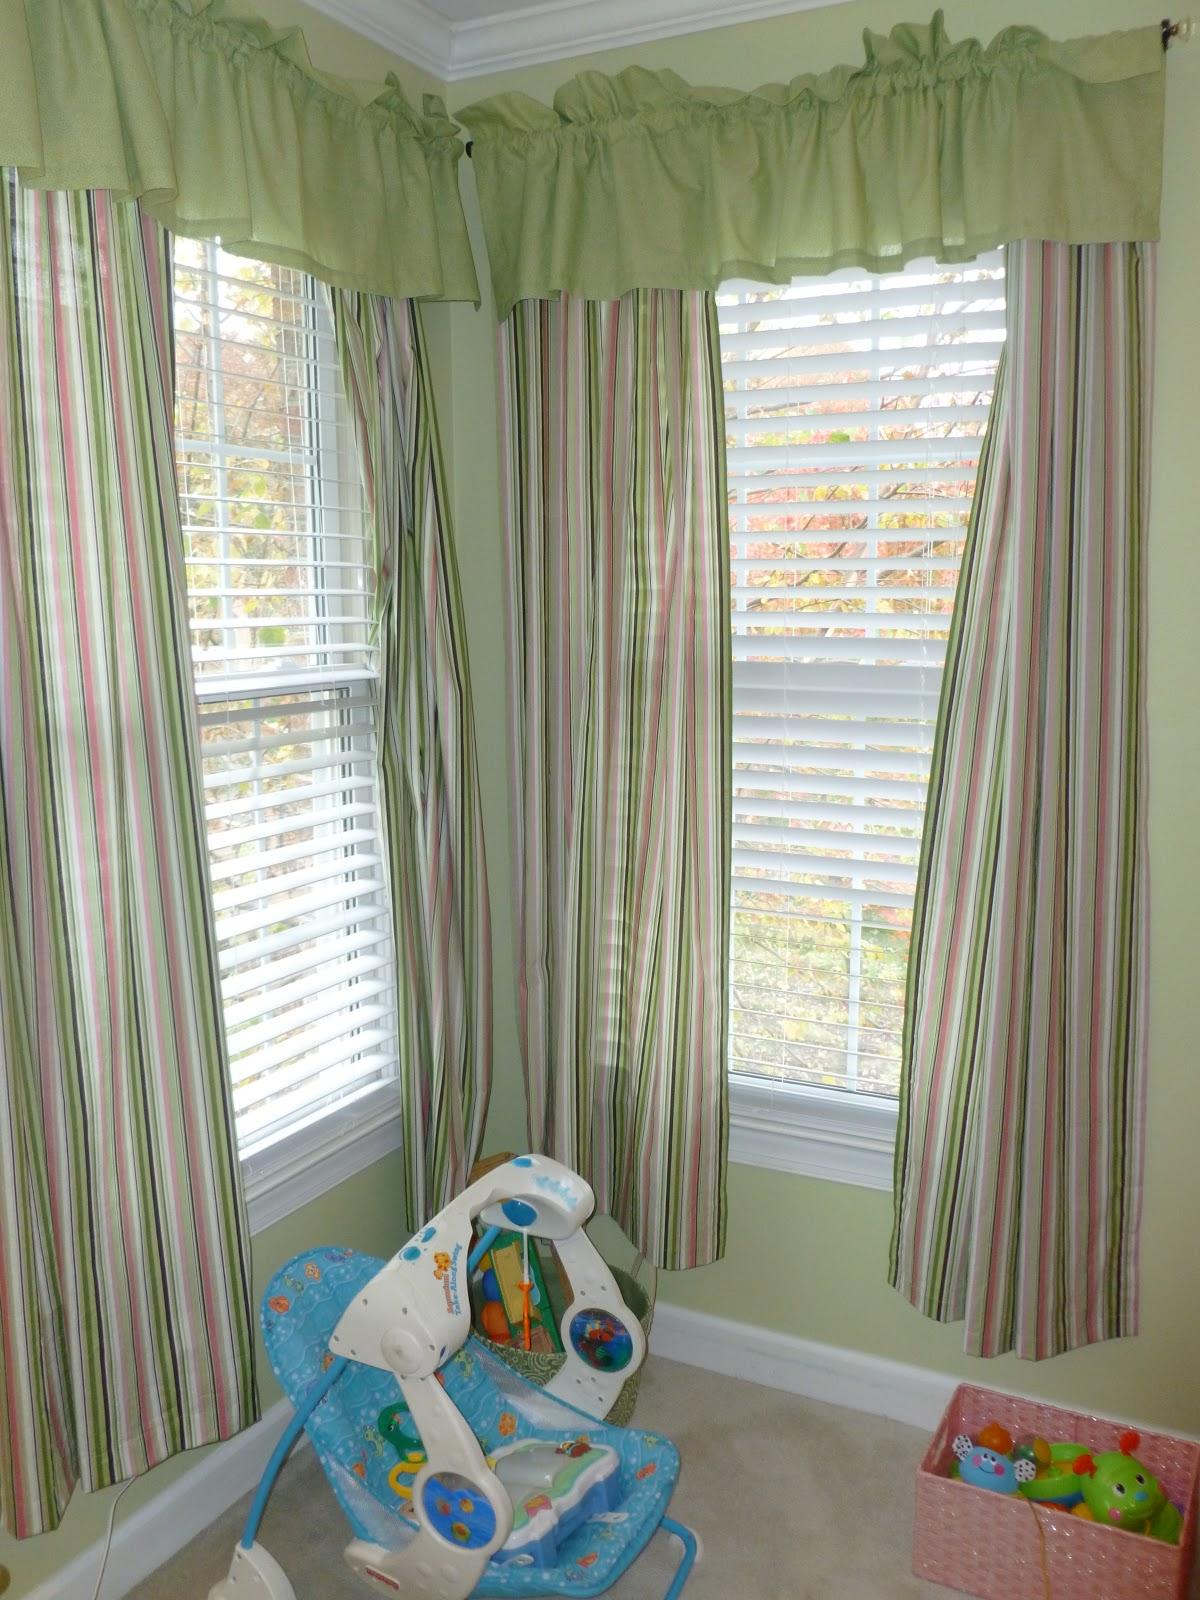 Сочетание жалюзи и обычных штор в интерьере детской